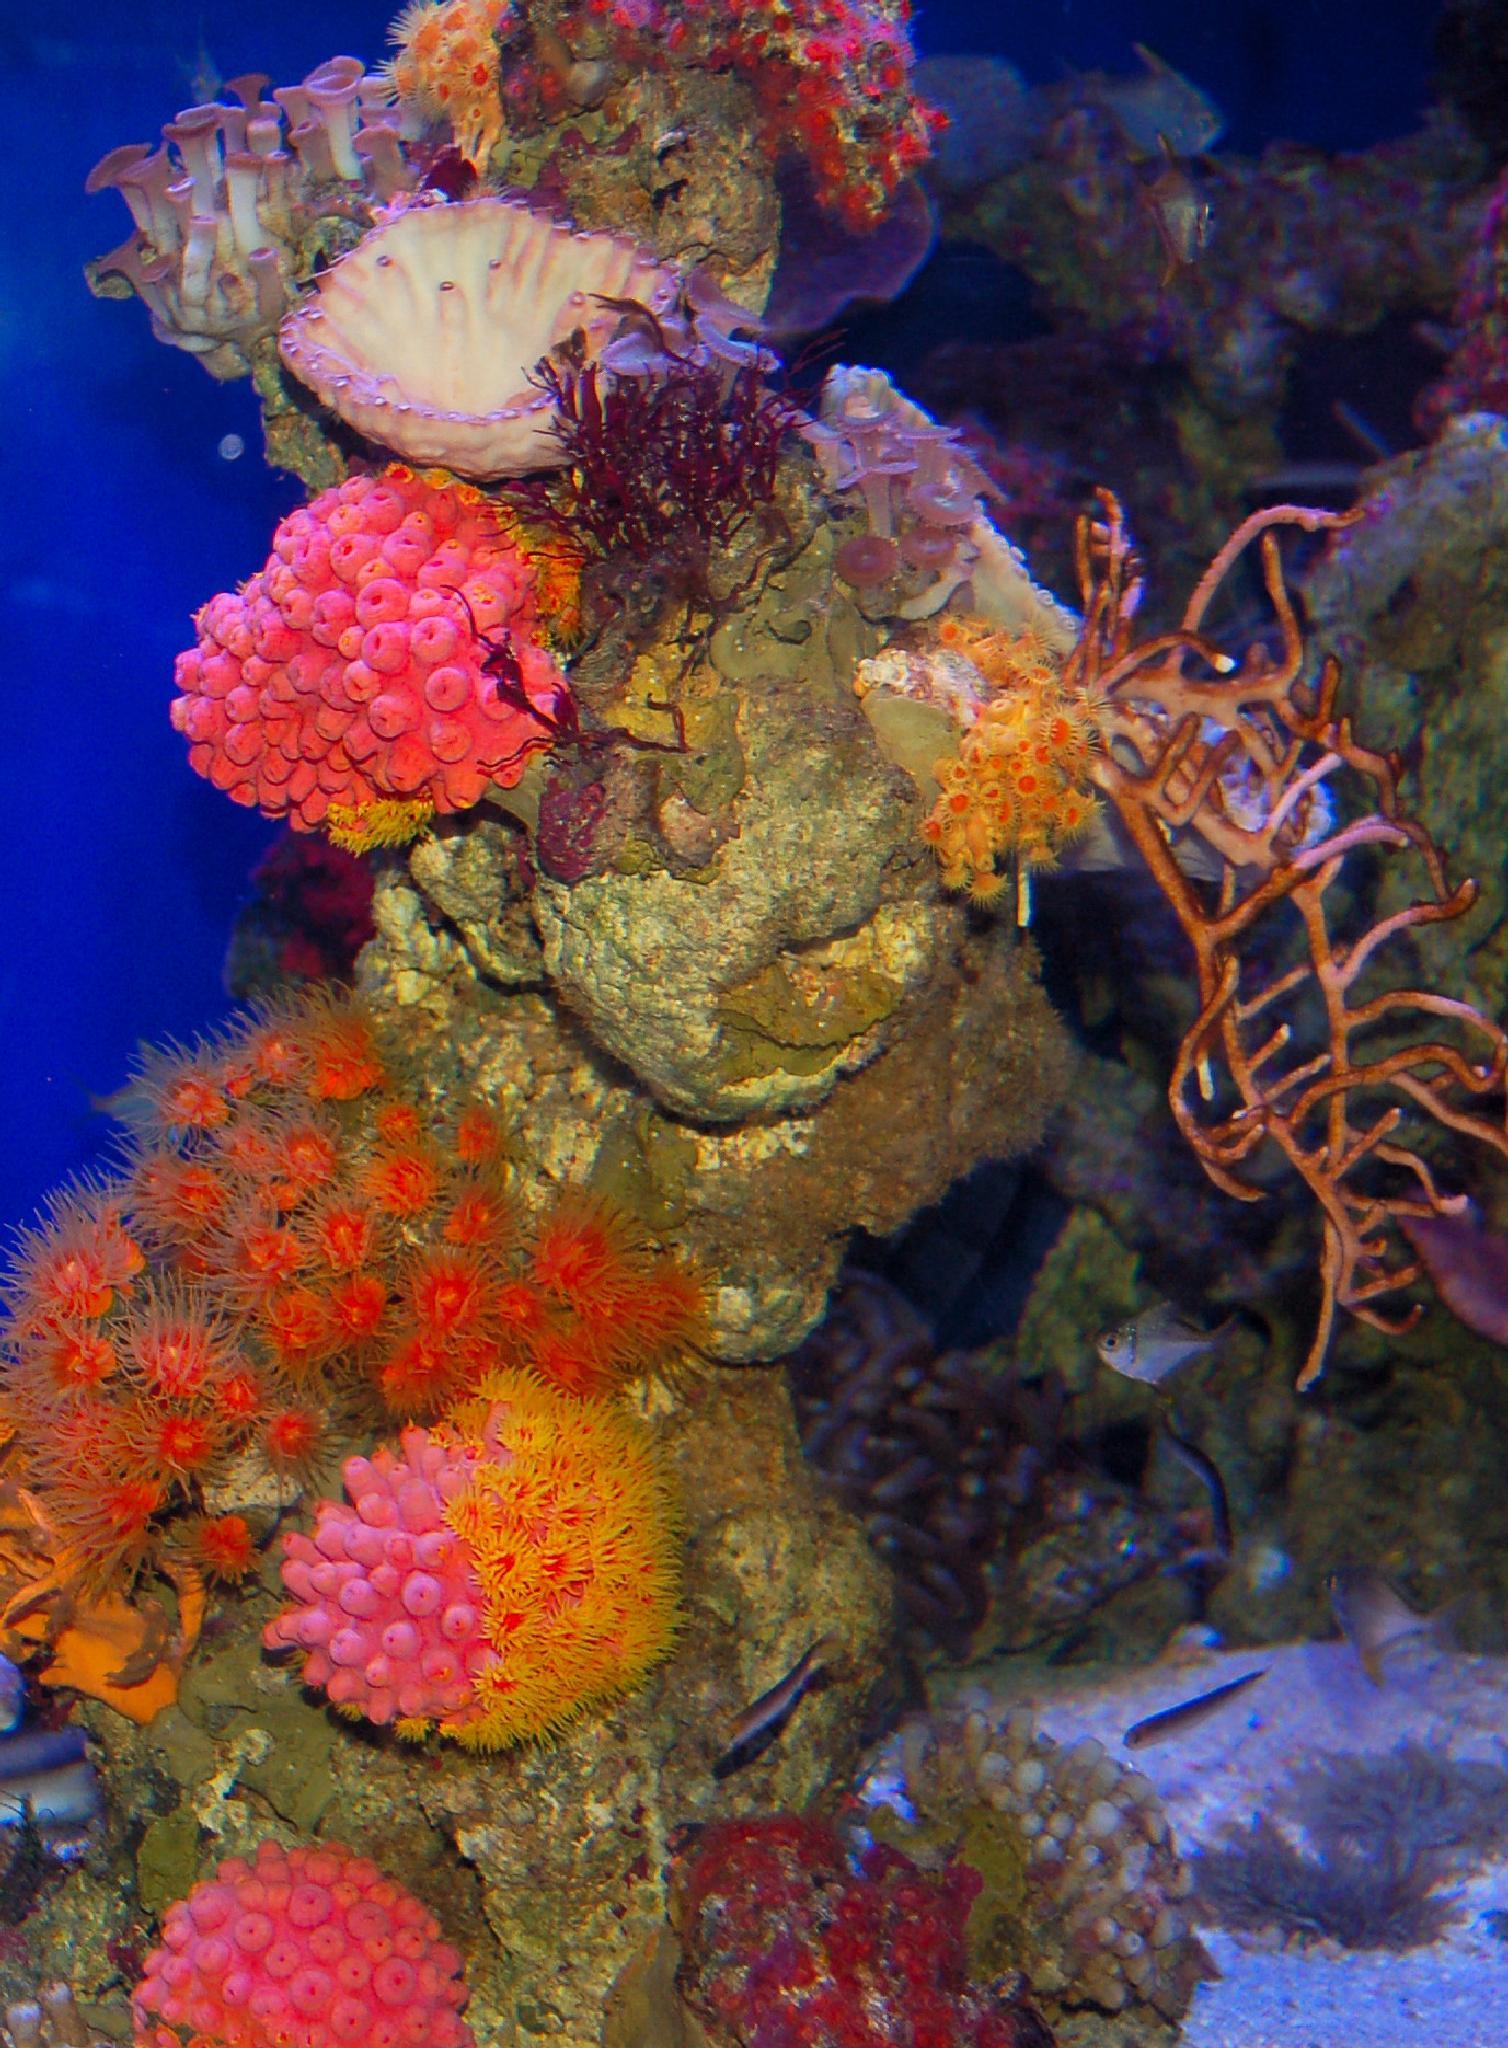 Beautiful Coral by Zoid359WA